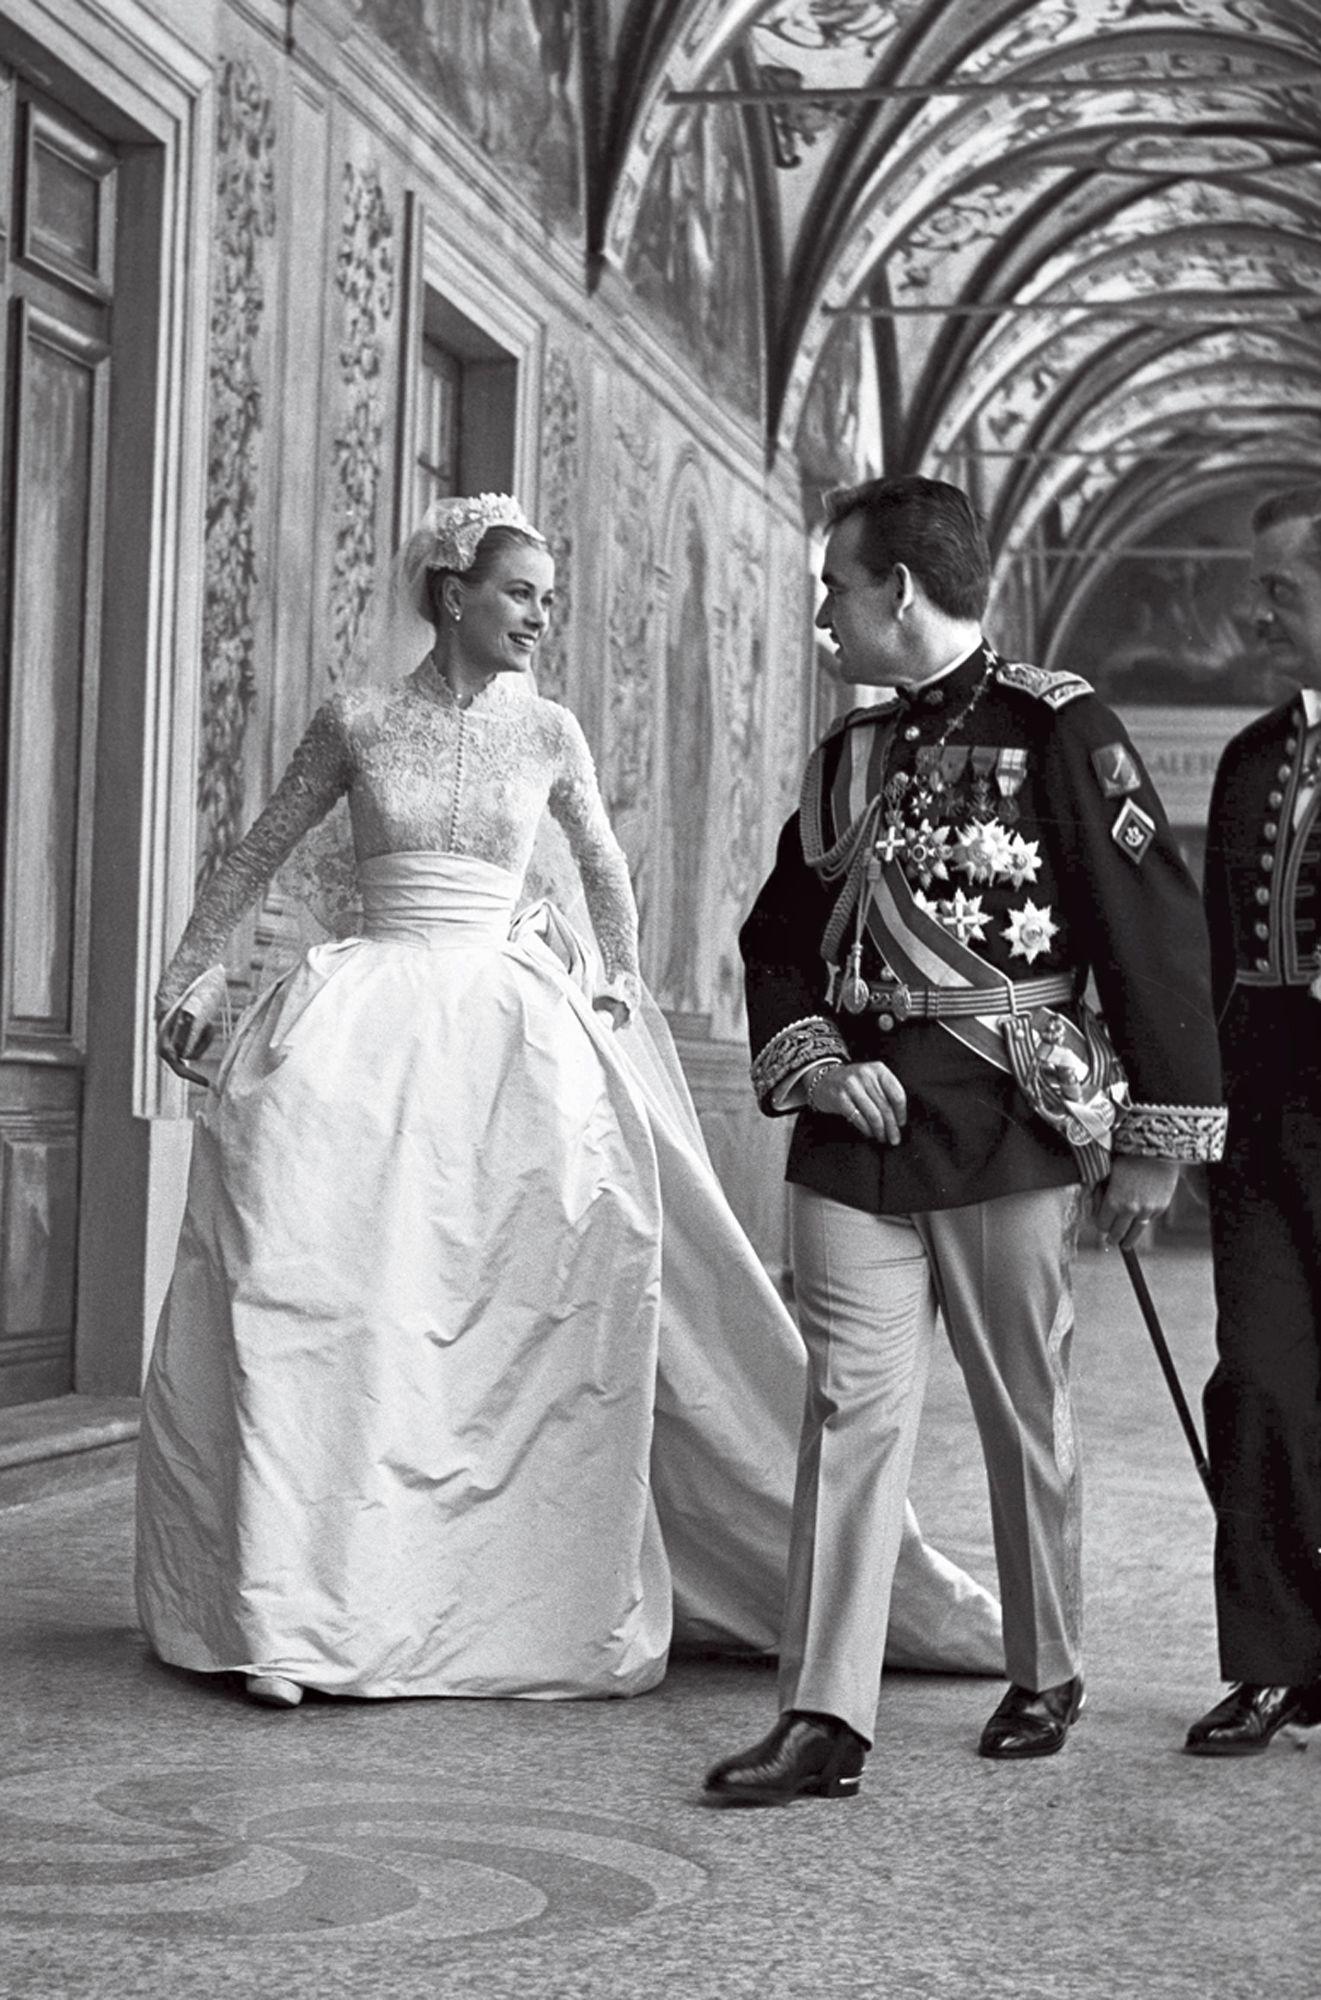 Grace Kelly in her wedding dress